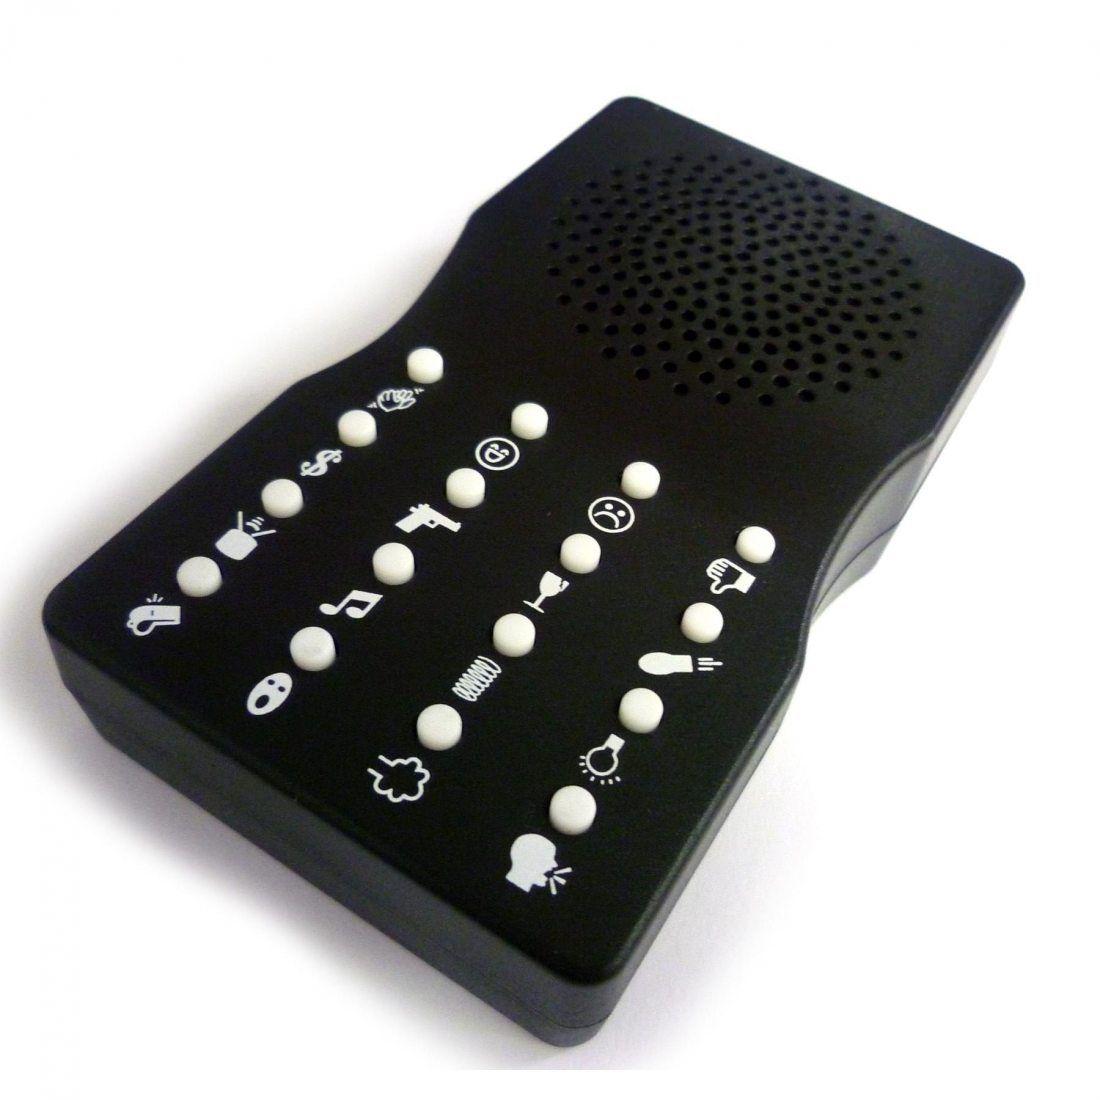 Boîte à sons - Faites sortir tous les sons que vous voulez avec ce superbe gadget